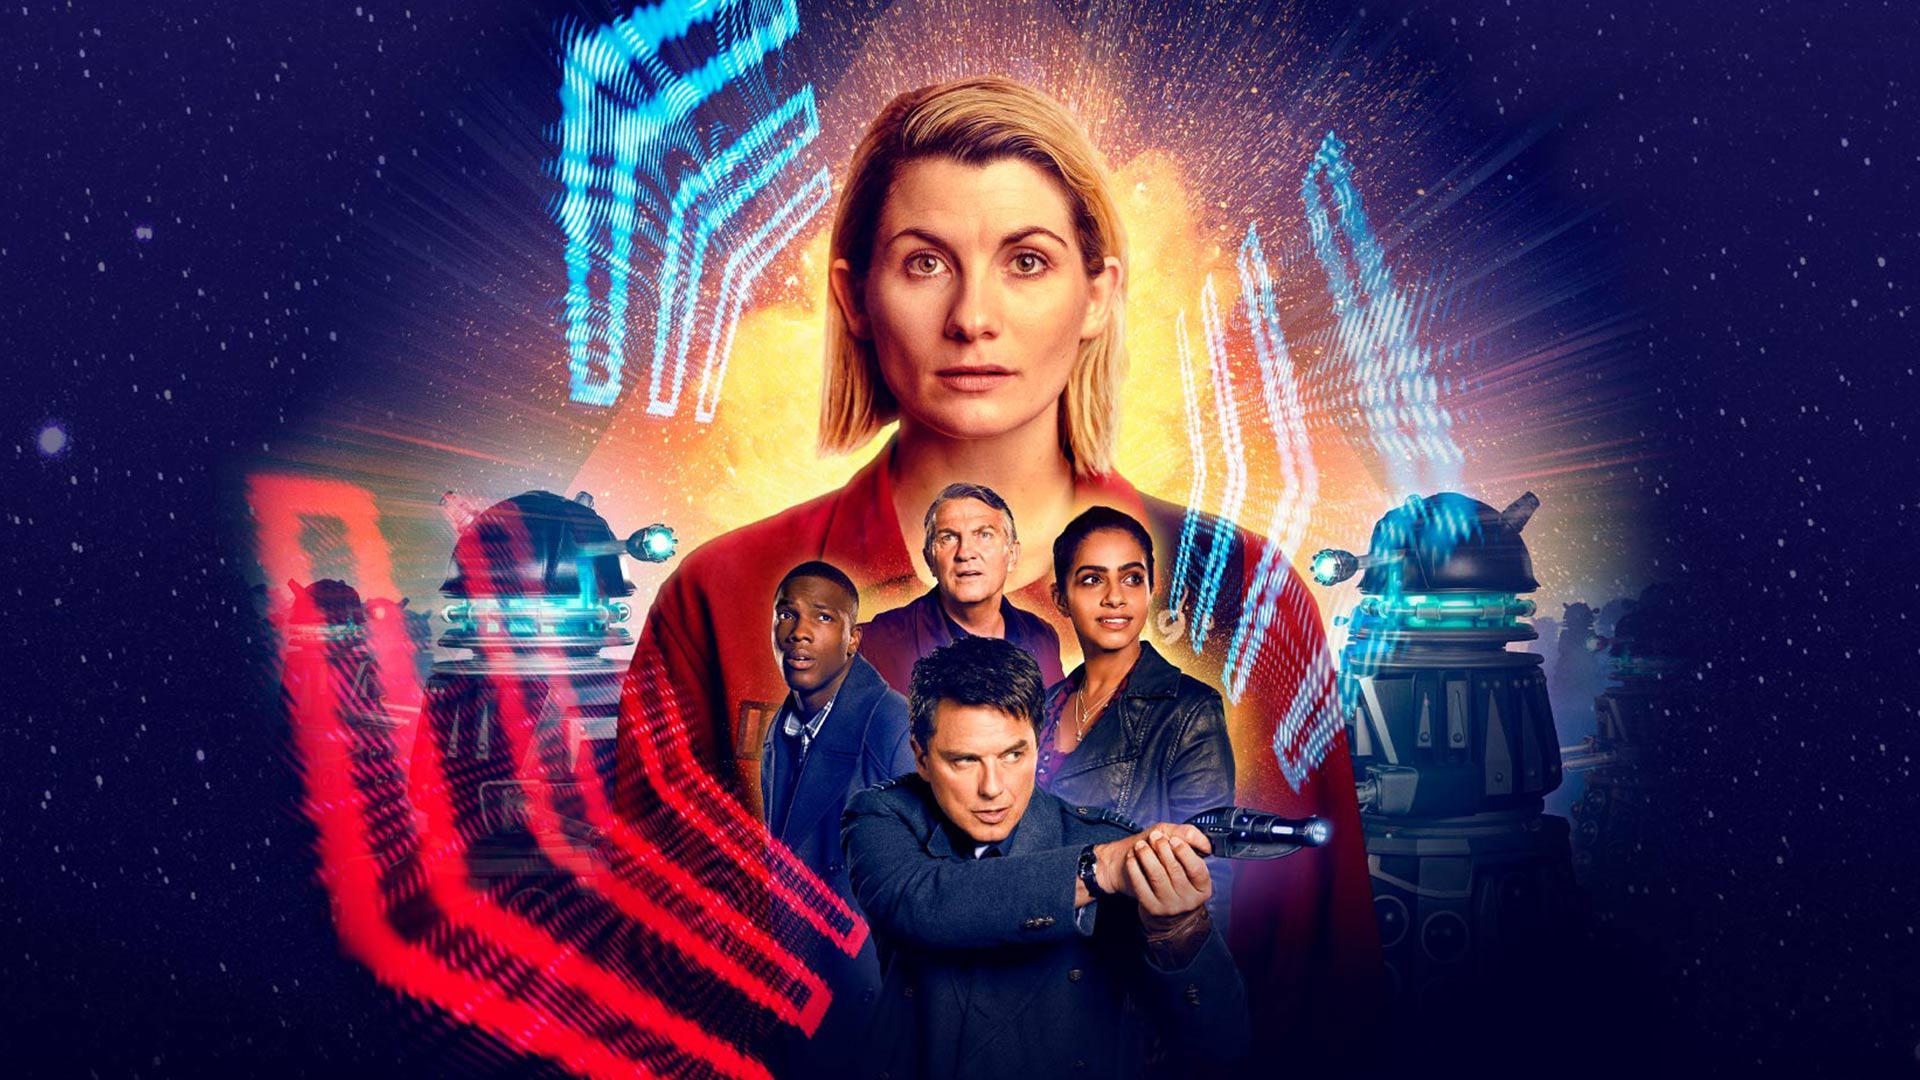 Мнение о новогоднем спецвыпуске «Доктора Кто» — «Революция далеков». Какой год, такой и праздник?